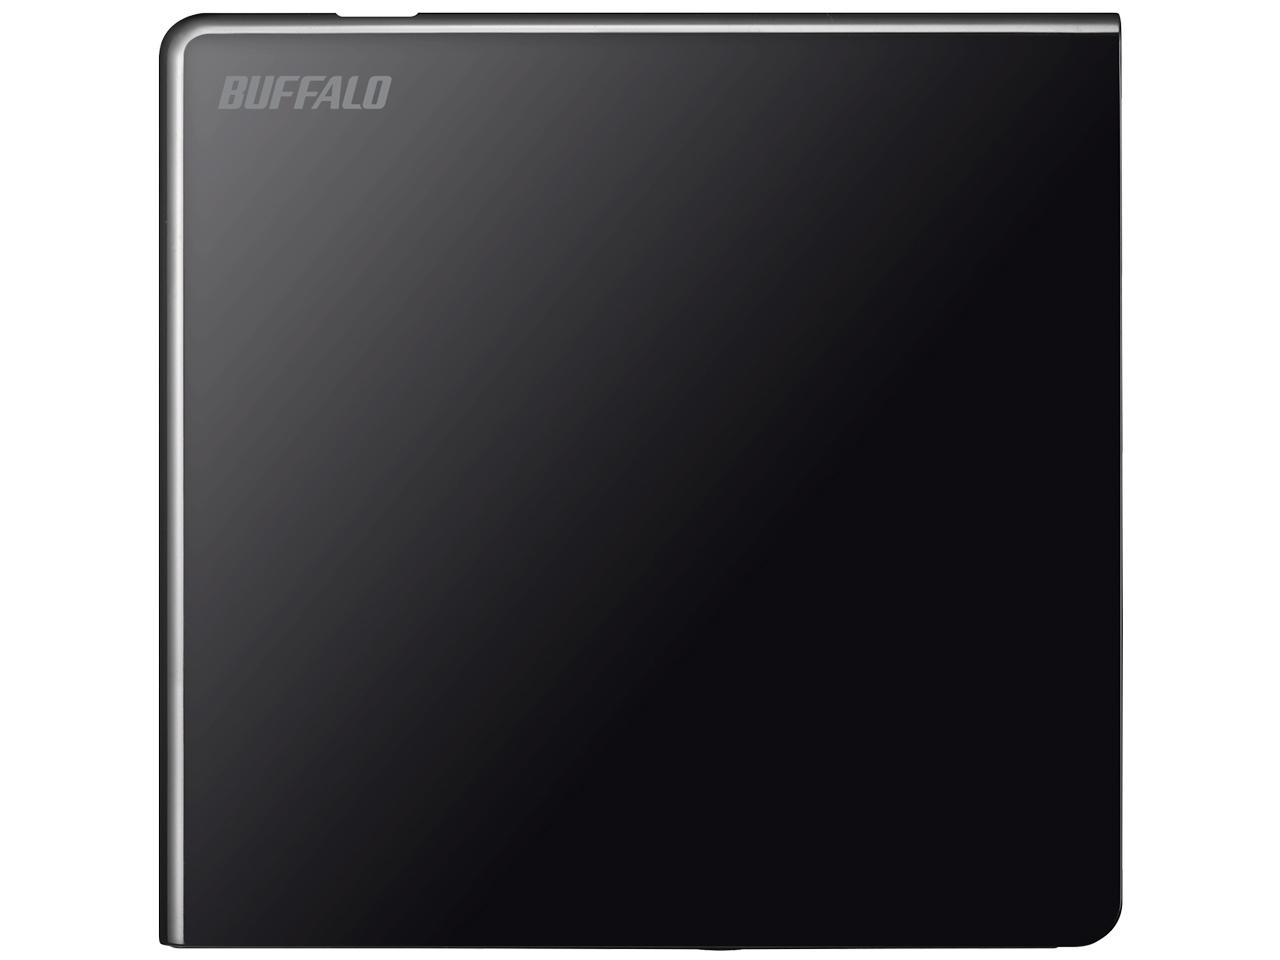 『本体 上面』 DVSM-PLV8U2-BK/N [ブラック] の製品画像